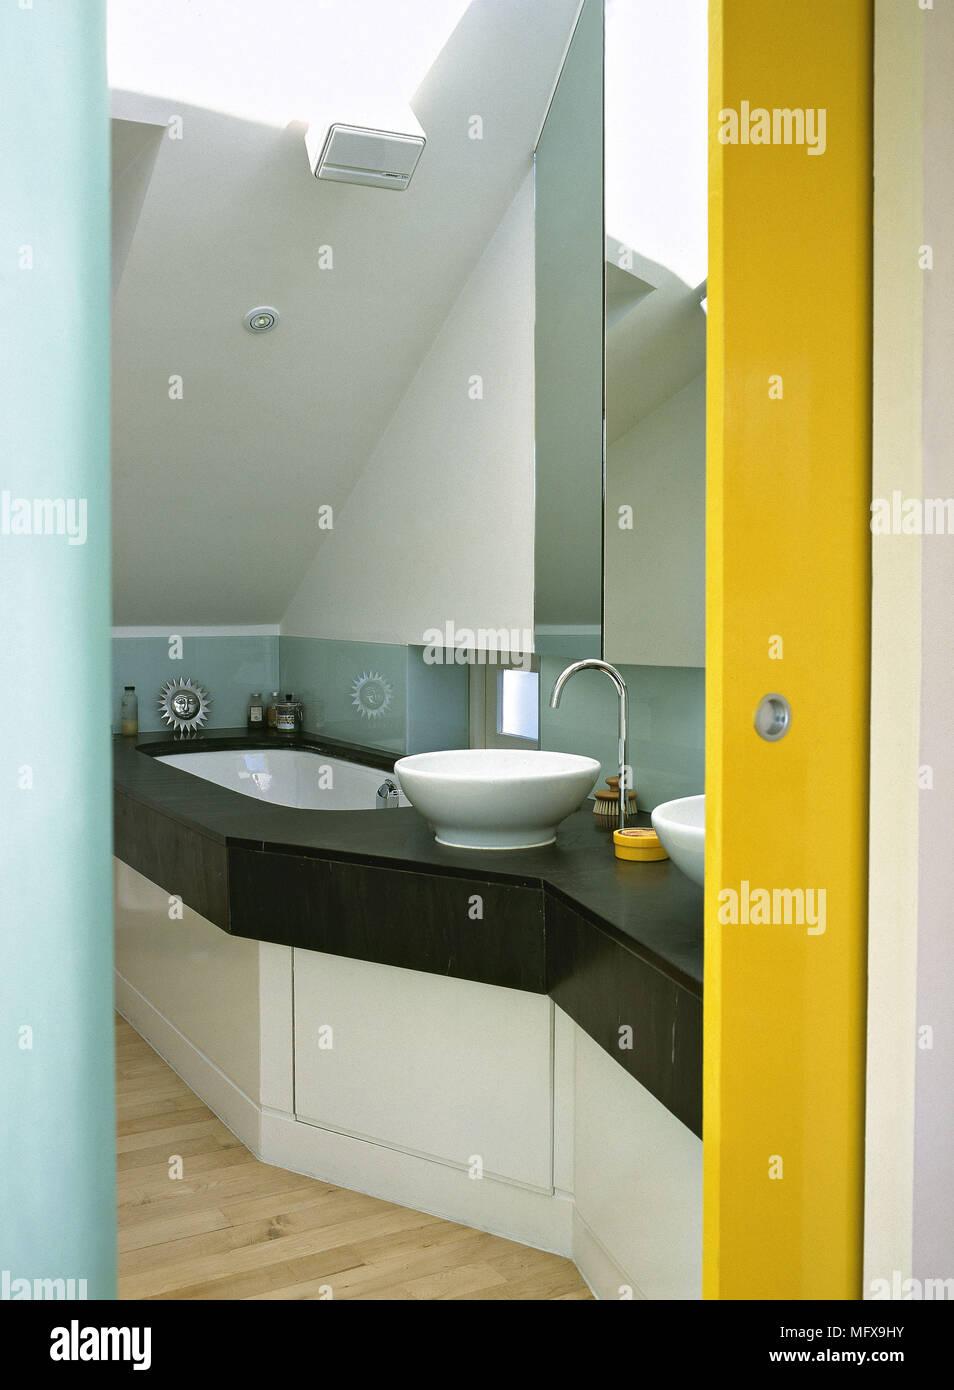 Badezimmer mit gelben Schiebetür und zwei Waschbecken auf einem ...